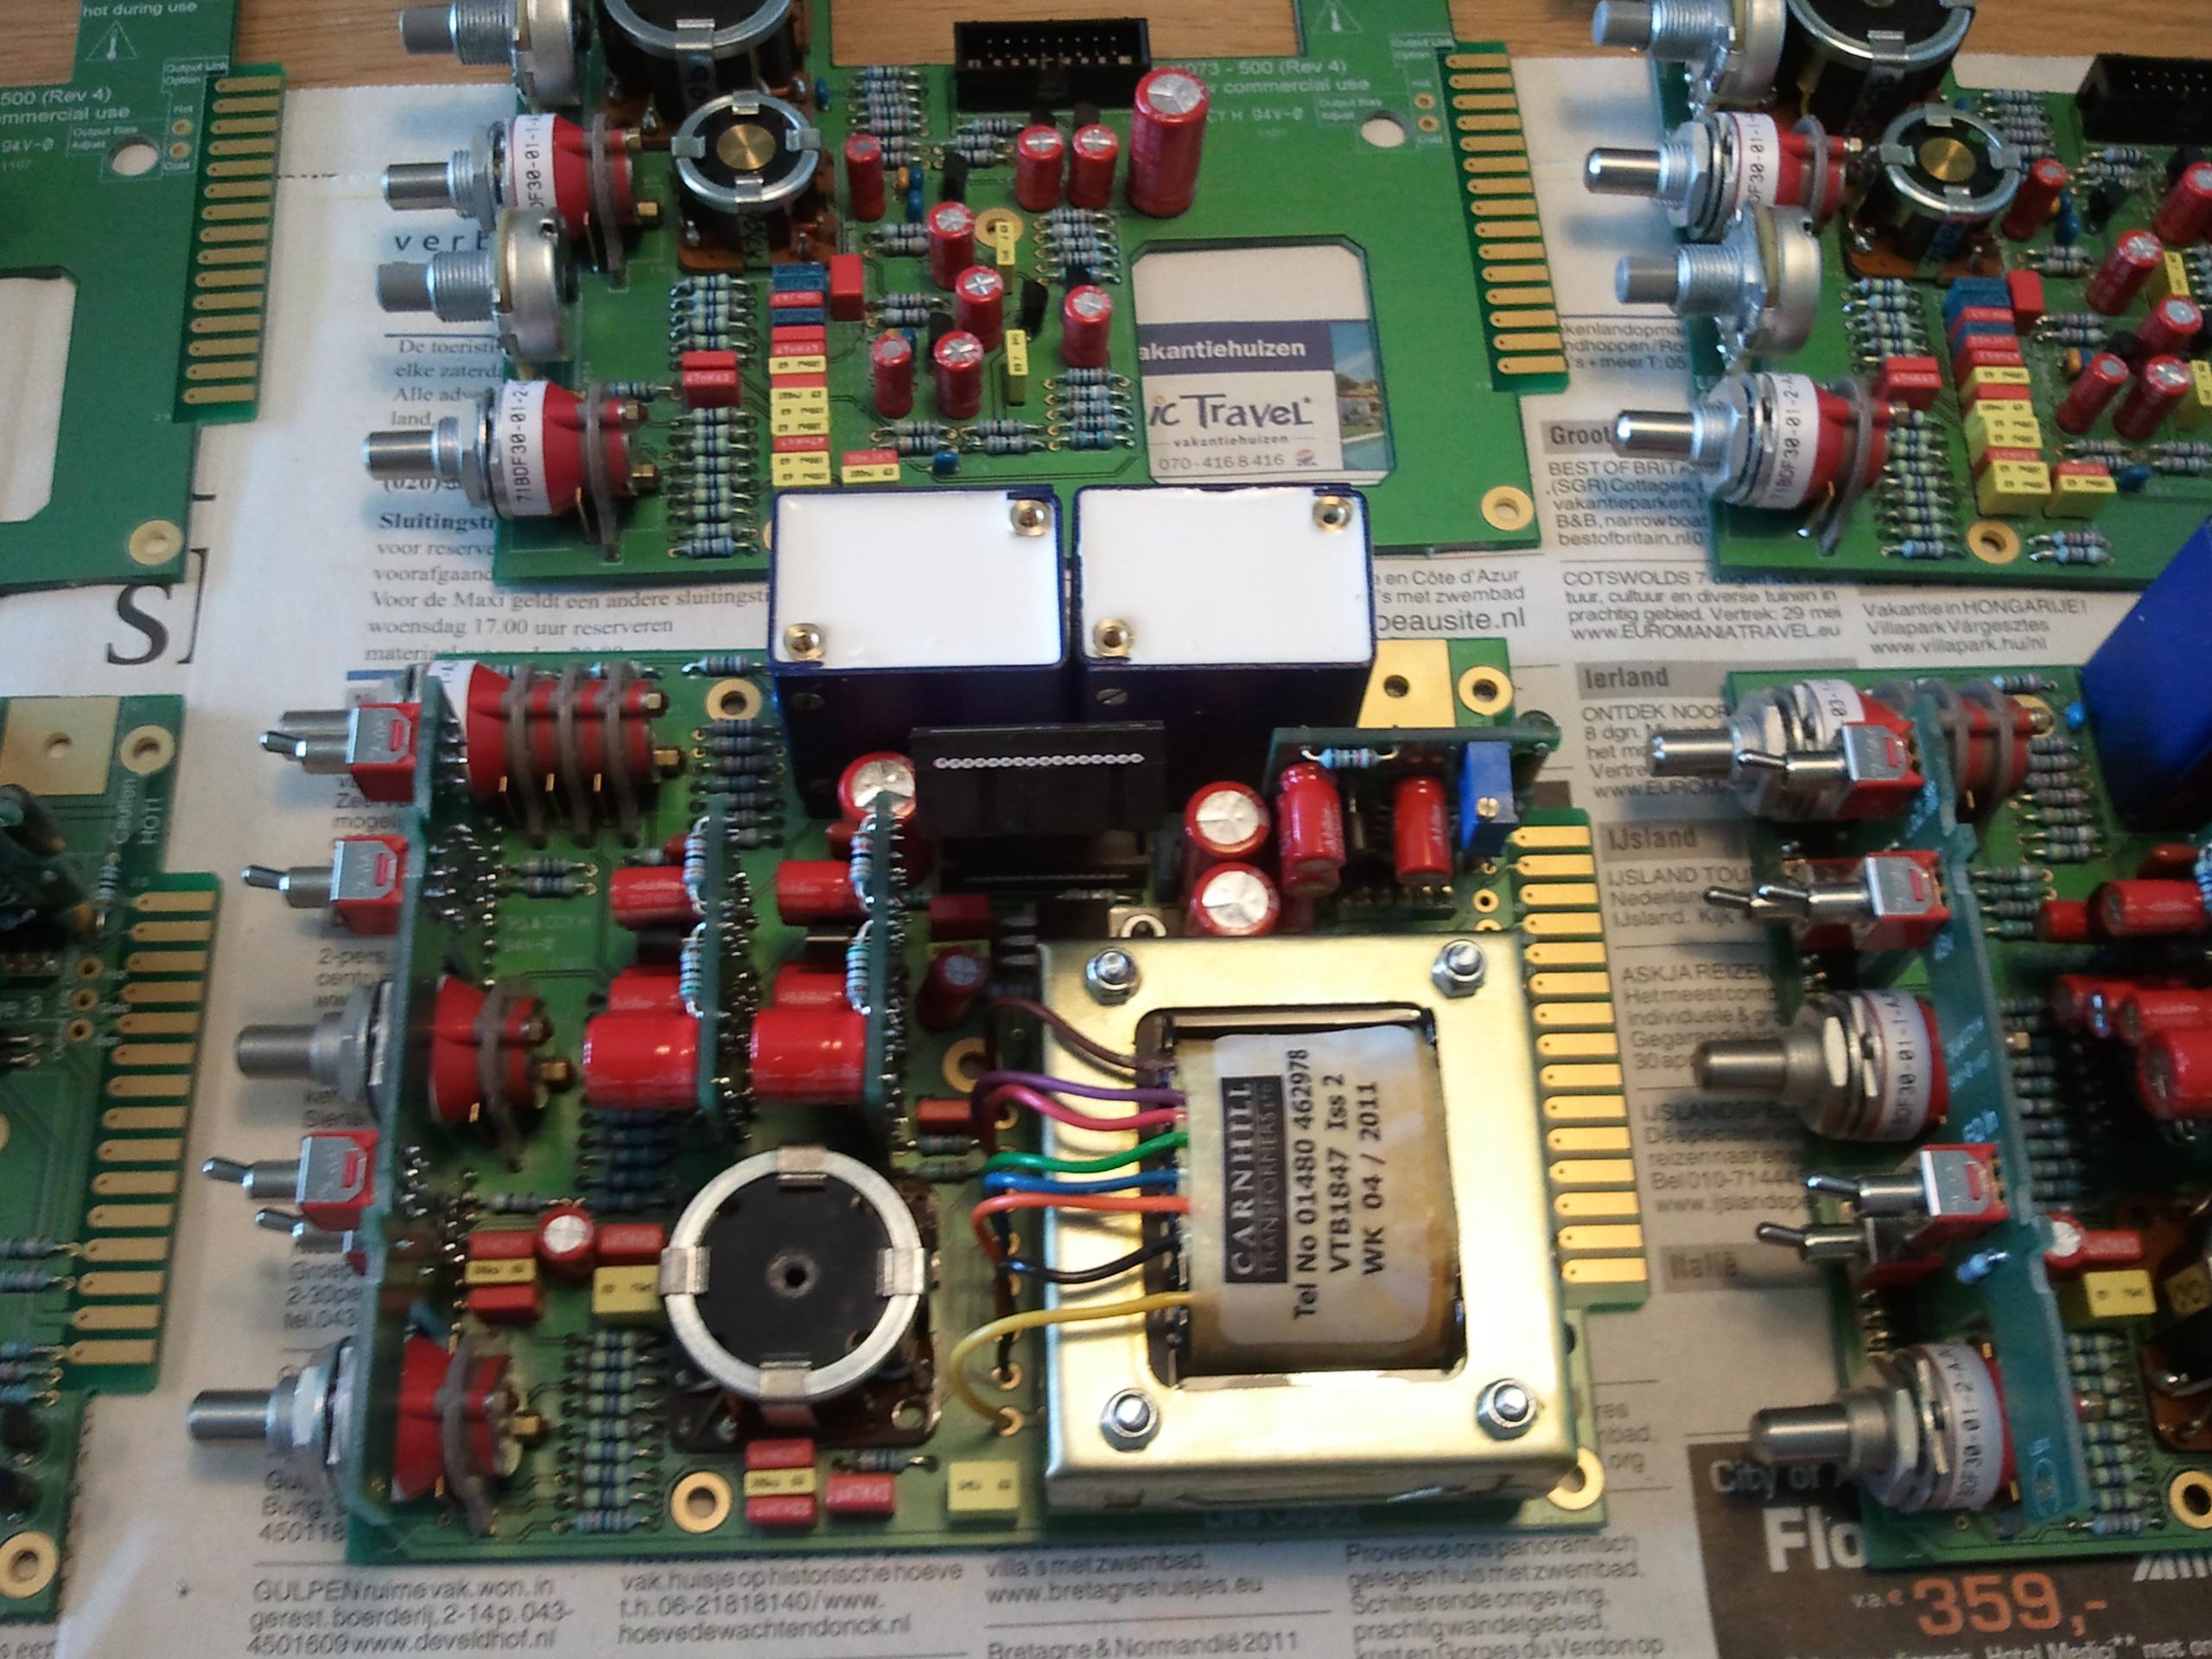 AML ez1073-500 - Page 2 - Gearslutz